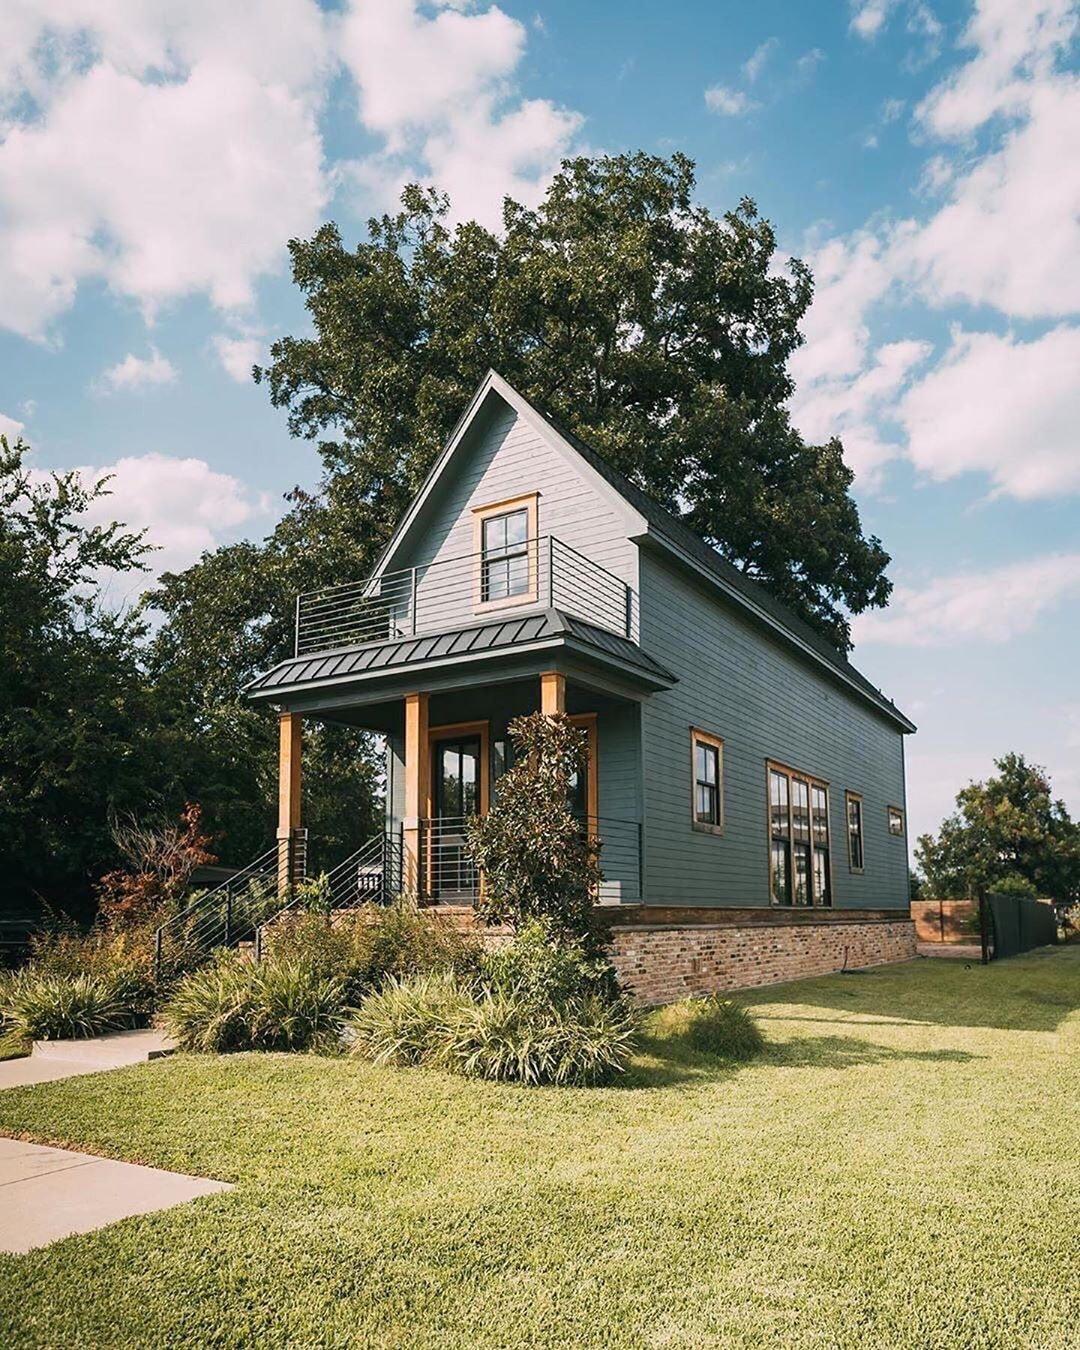 Nhà cấp 4 nhỏ xinh tiện ích nằm giữa thiên nhiên xanh tươi ở ngoại ô ai ngắm cũng mê - Ảnh 2.